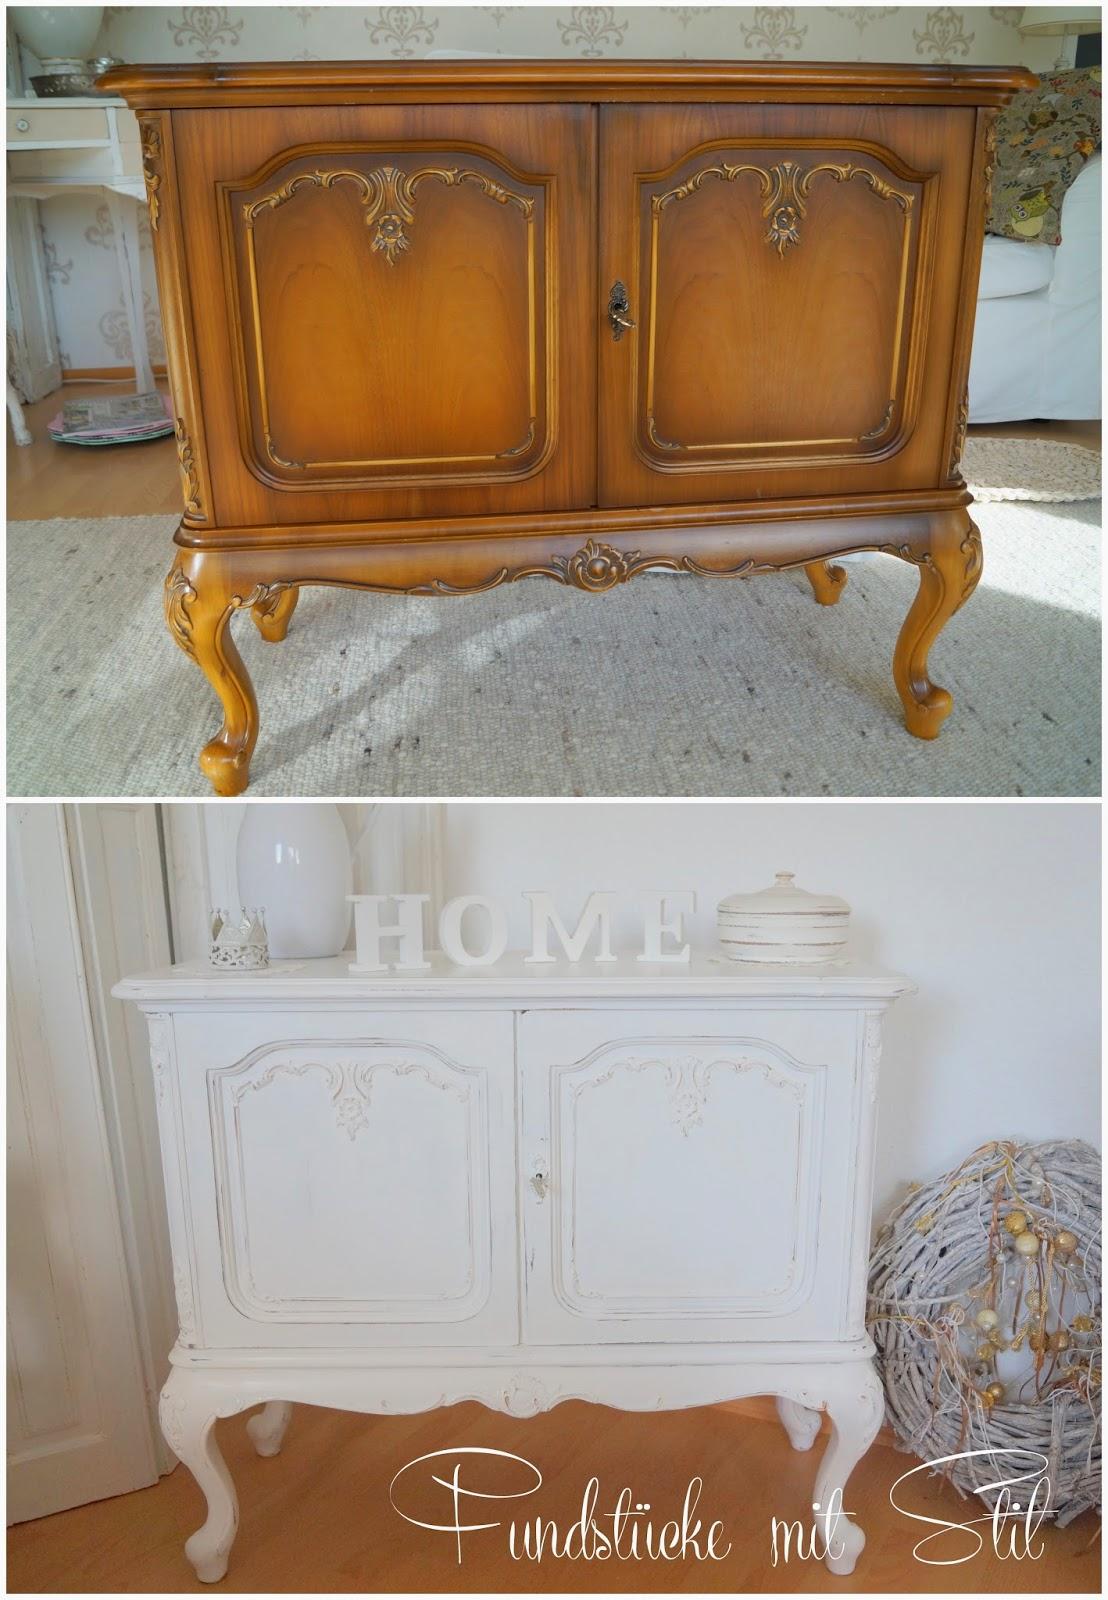 mobel neu lackieren beste ideen over huis en interieur. Black Bedroom Furniture Sets. Home Design Ideas